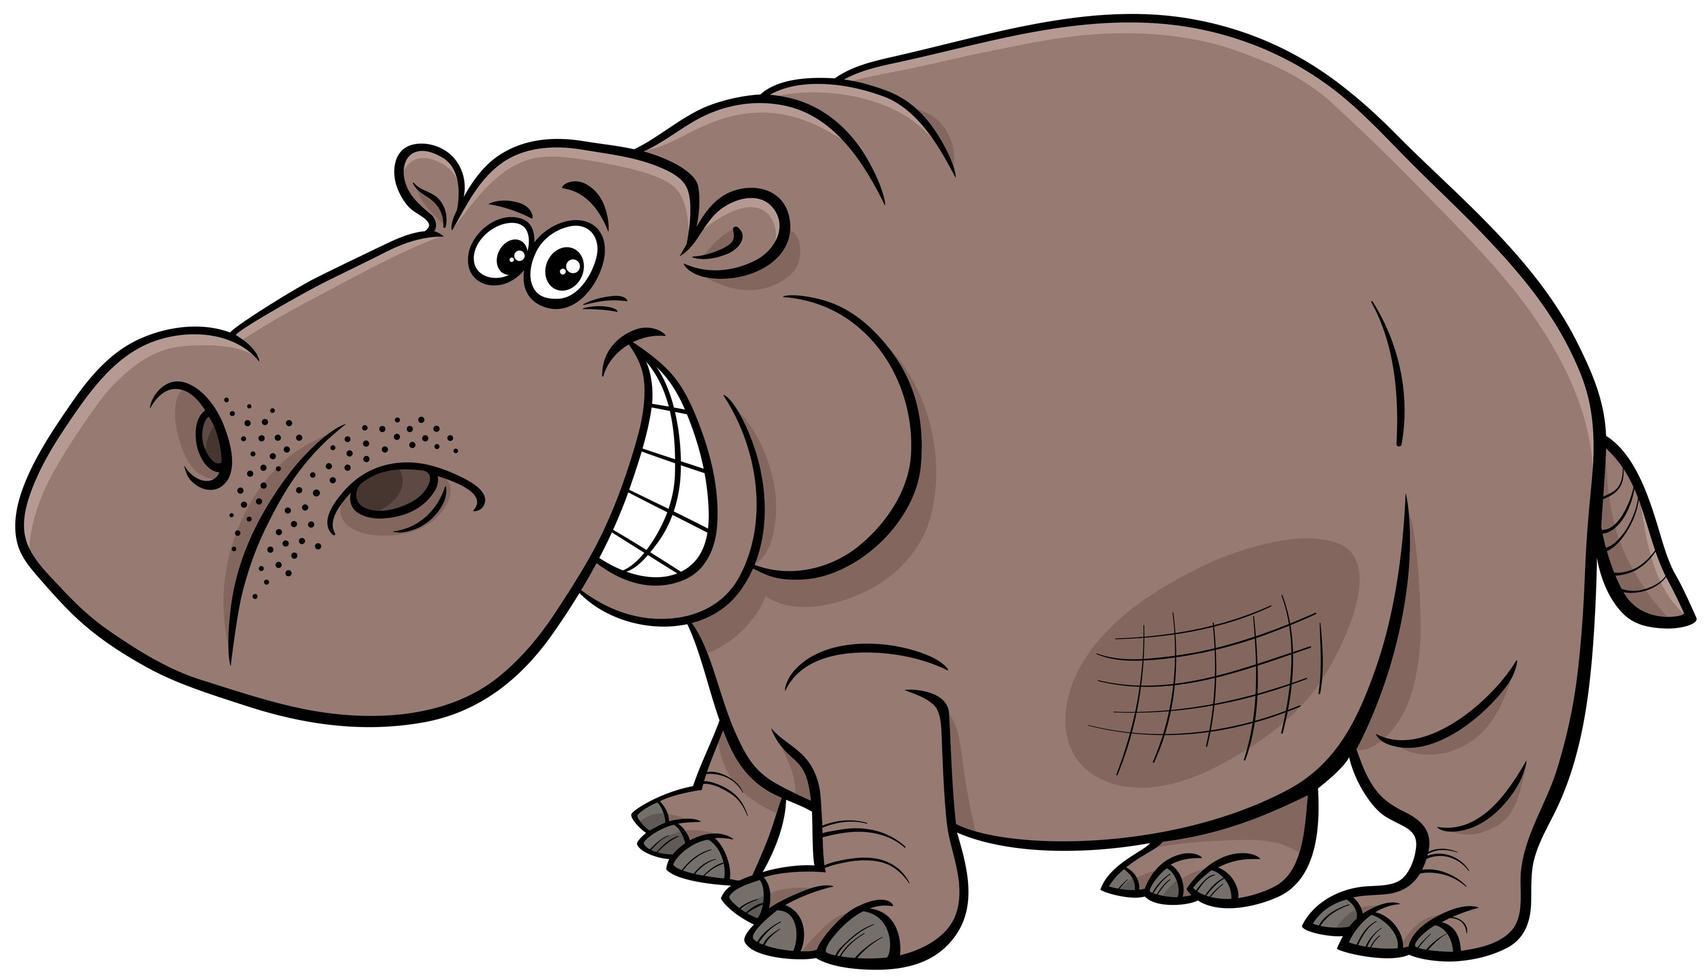 cartoon nijlpaard wild dier karakter vector